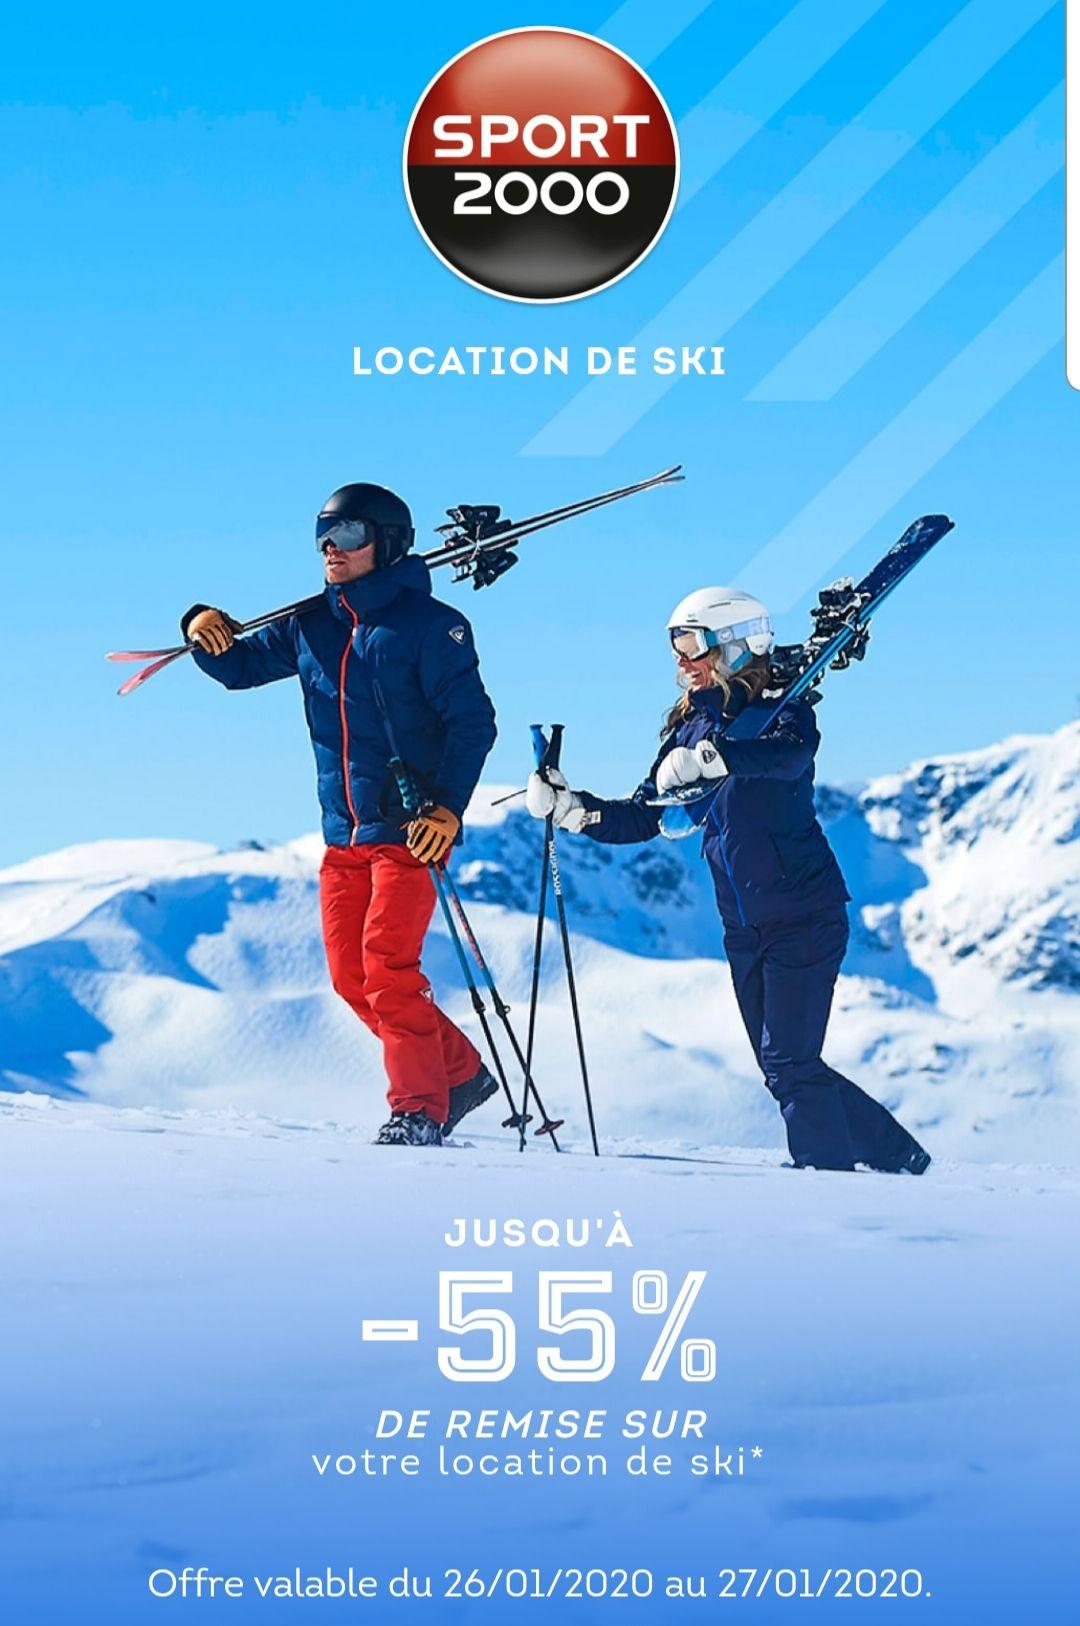 Carte Rose Sport 2000: Jusqu'à 55% de remise sur votre location de ski